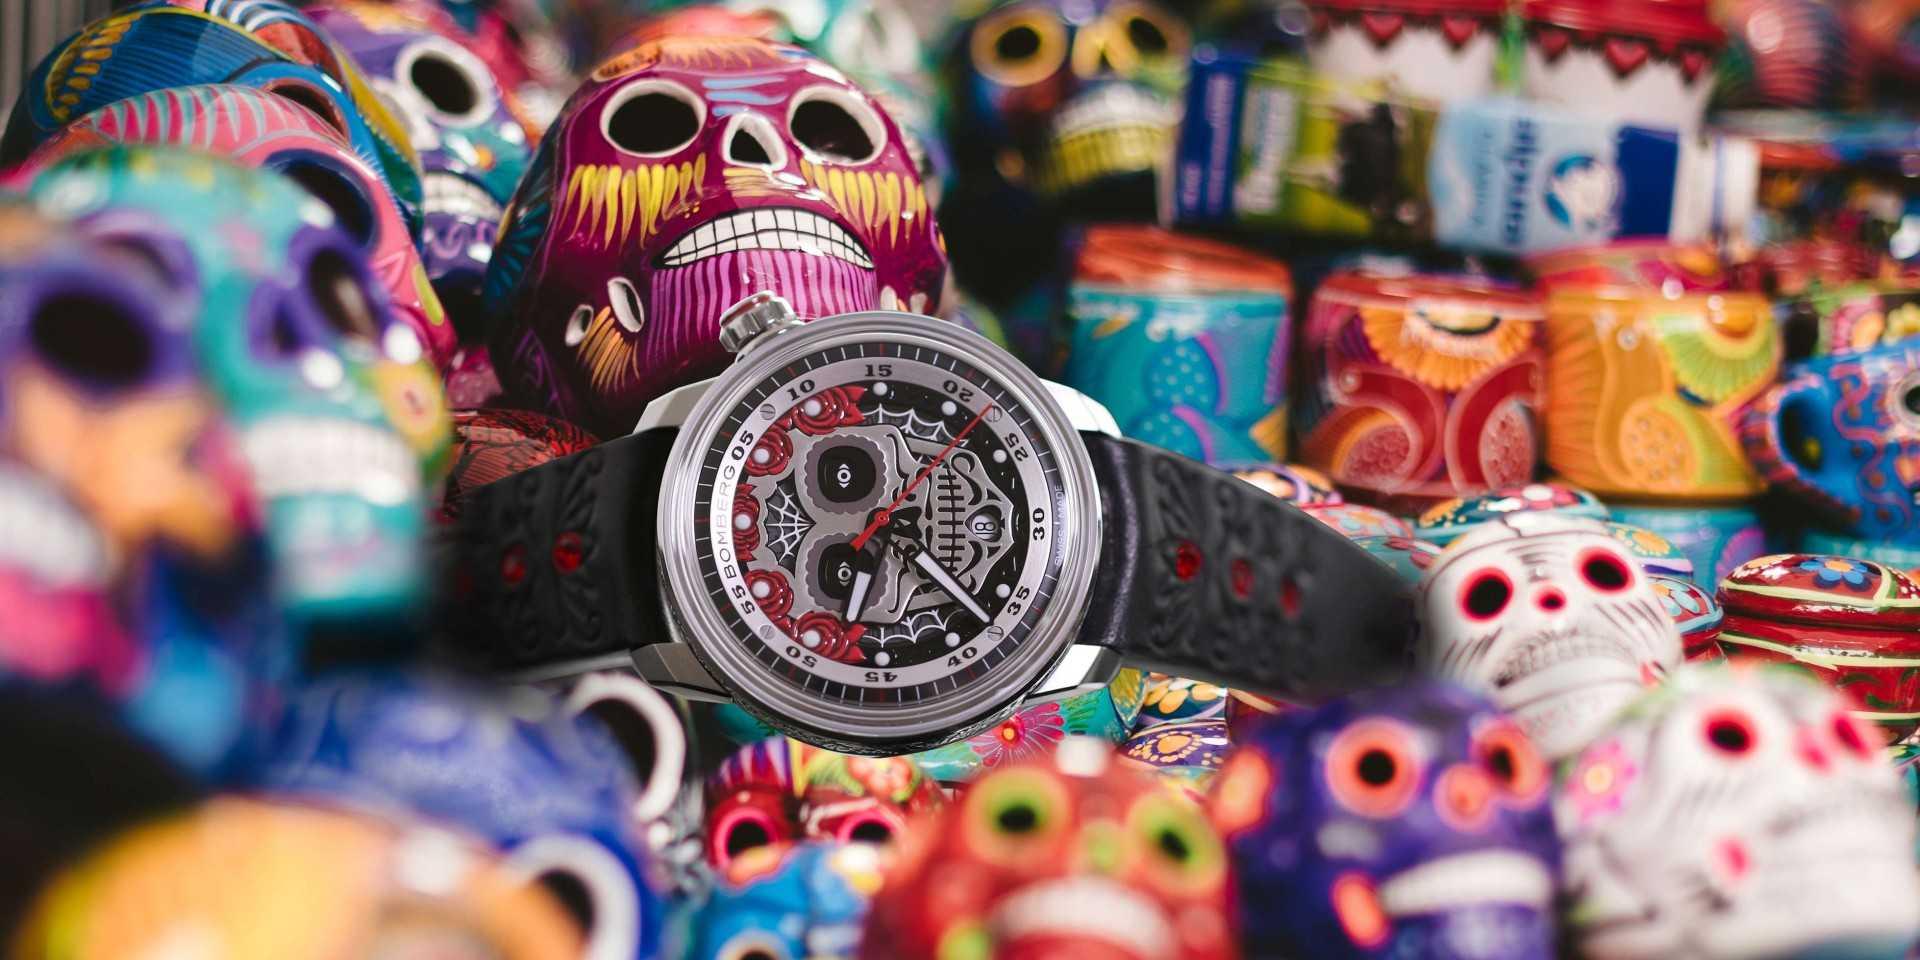 疫情嚴峻,更要擊退死亡陰影:BOMBERG BB-01 Día de los Muertos卡拉維拉骷髏限量腕錶